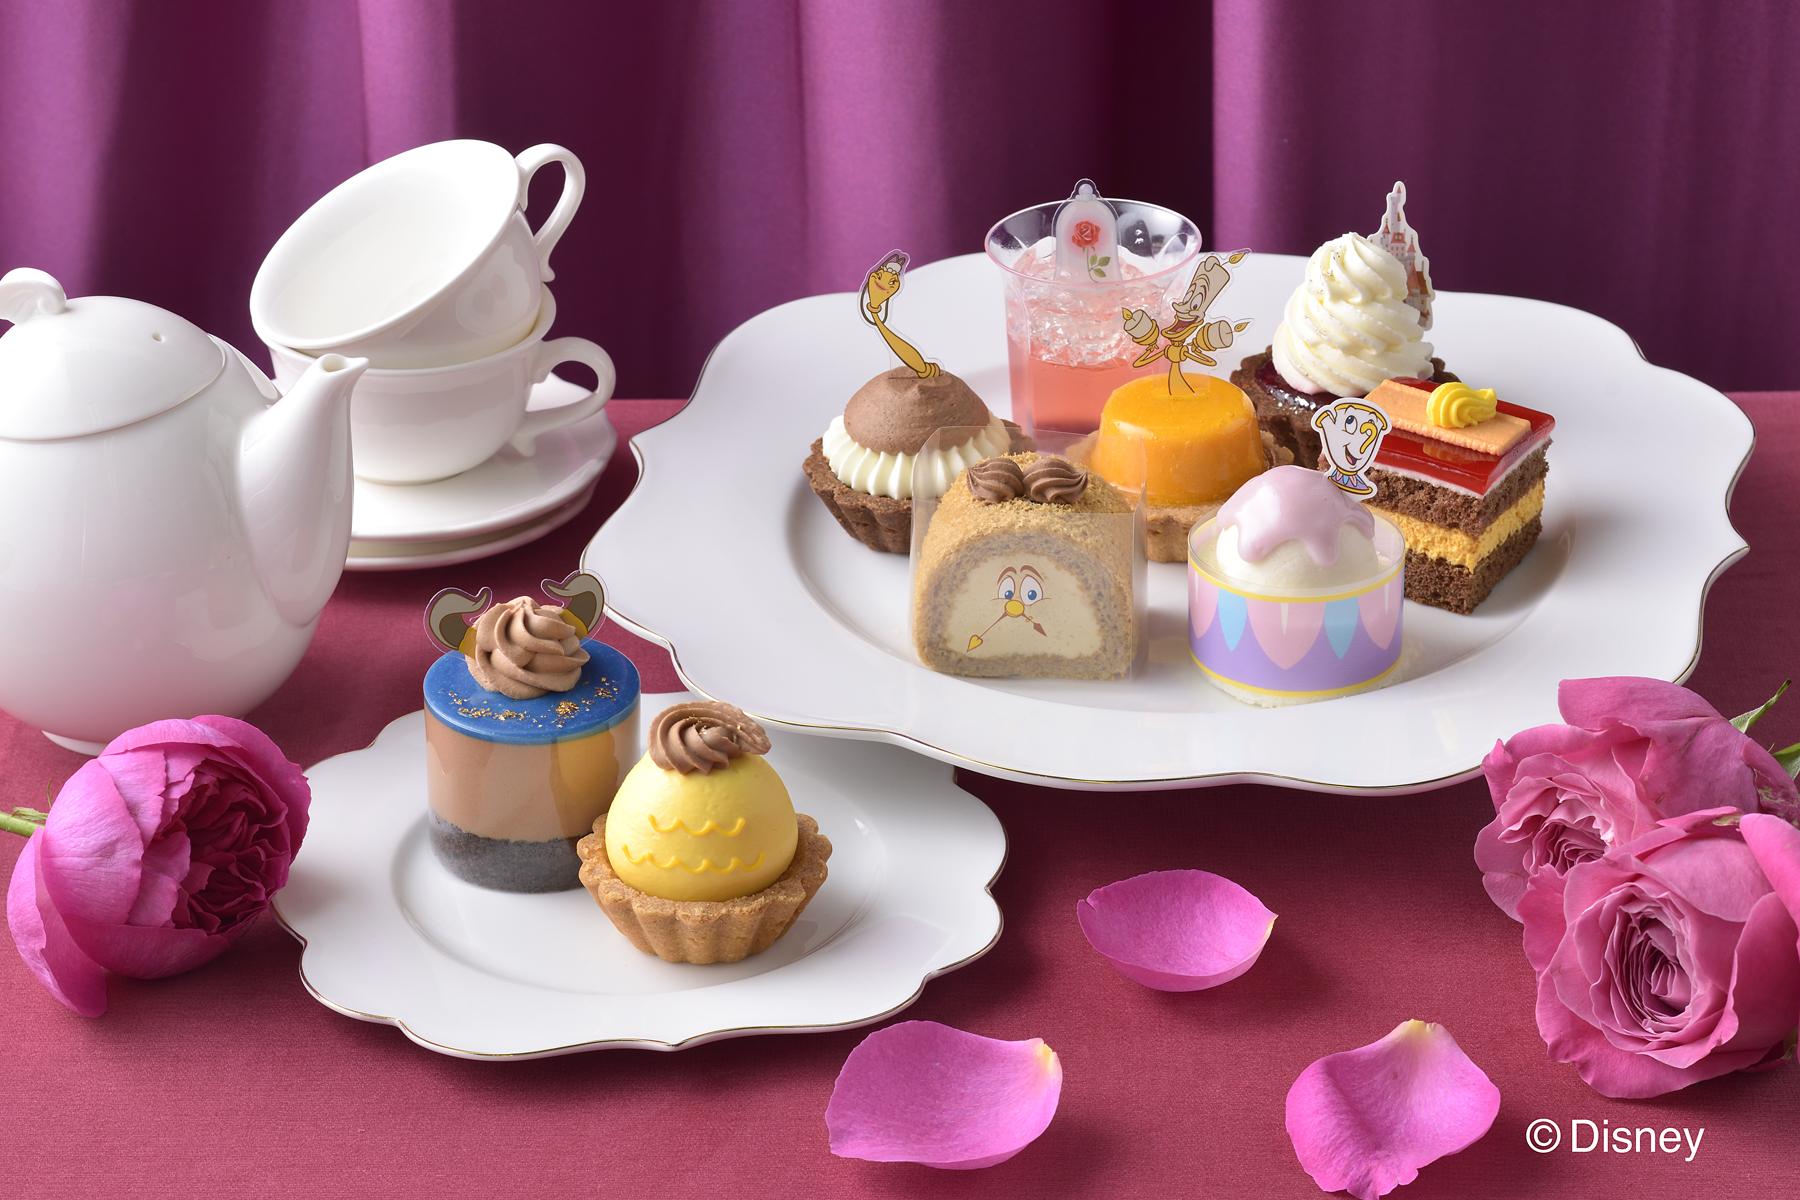 「リトル・マーメイド」「美女と野獣」でひな祭りをお祝い♪「銀座コージーコーナー」でデコレーションケーキ発売